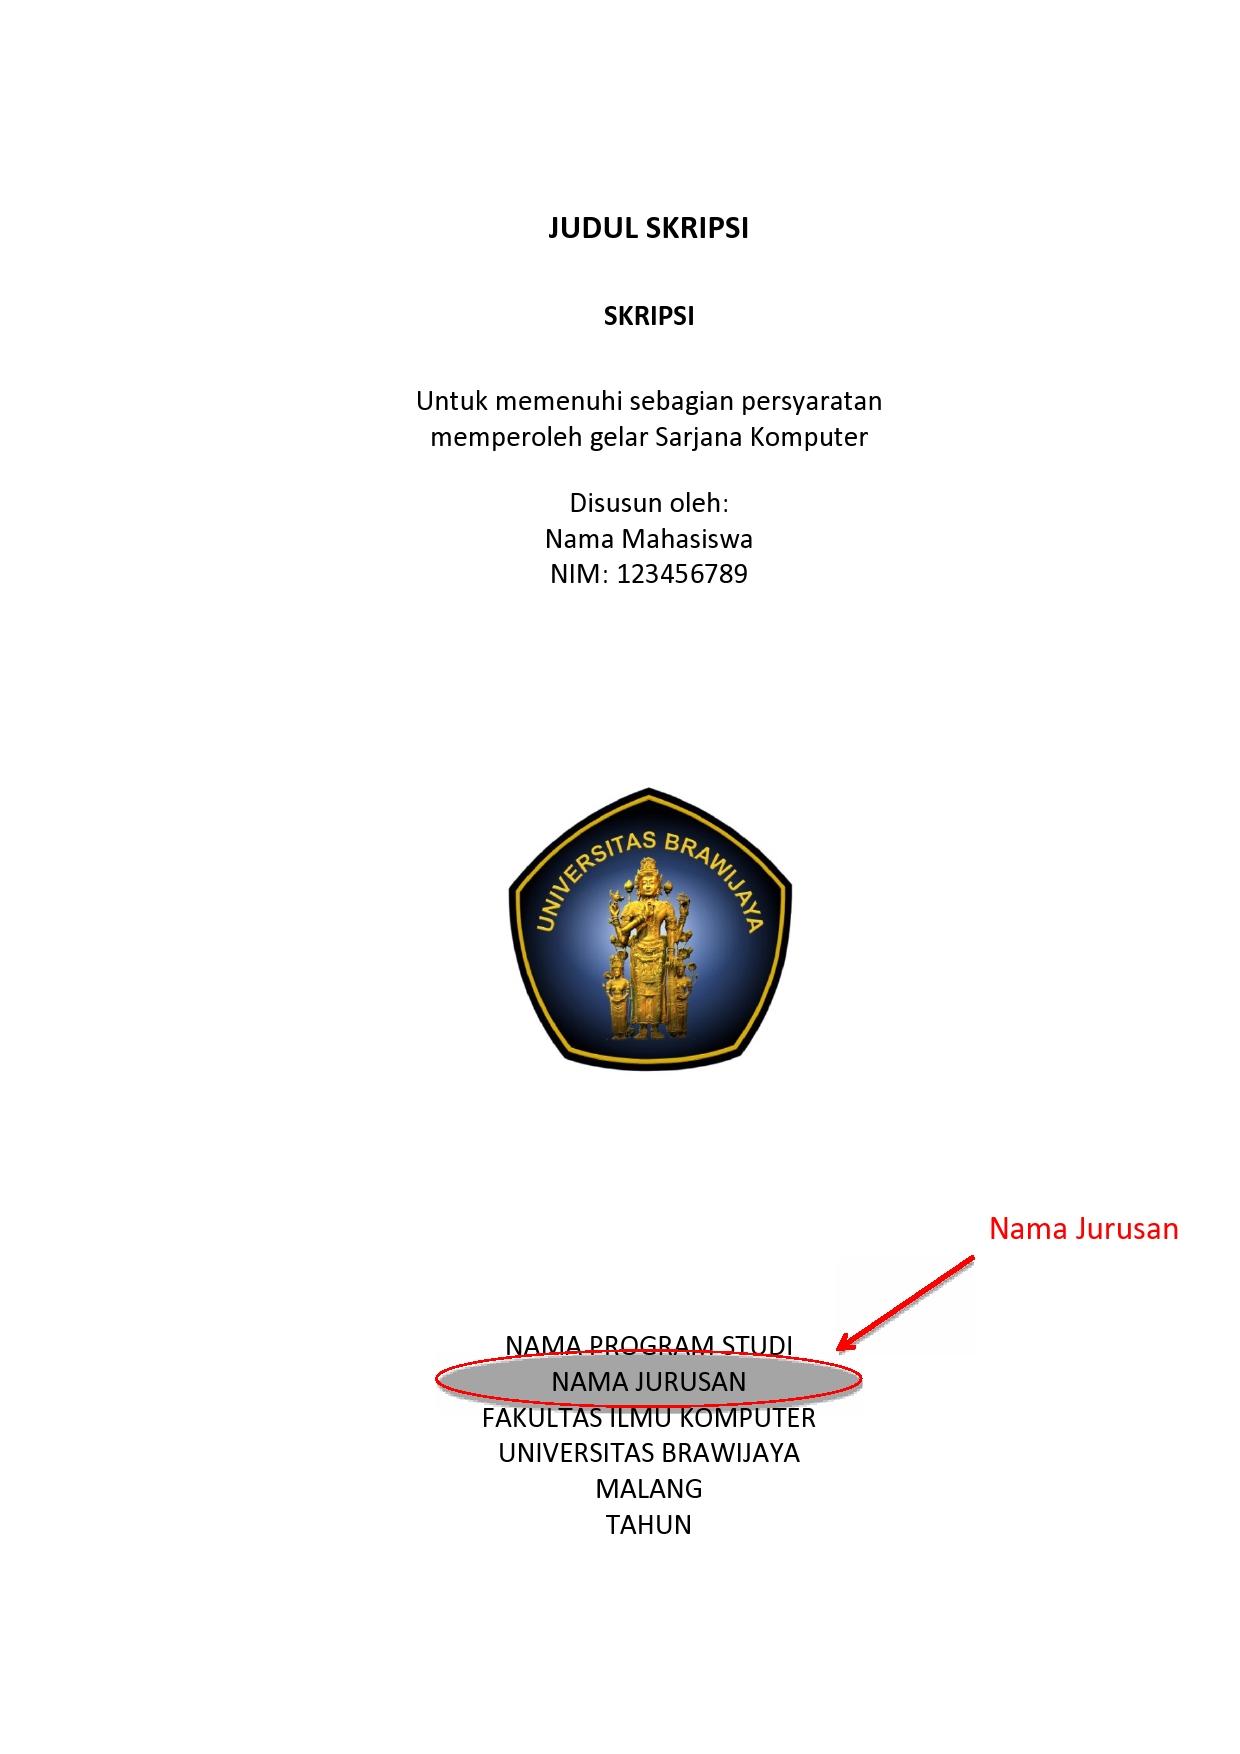 Template Baru Skripsi Dan Thesis Filkom Ub Teknik Informatika